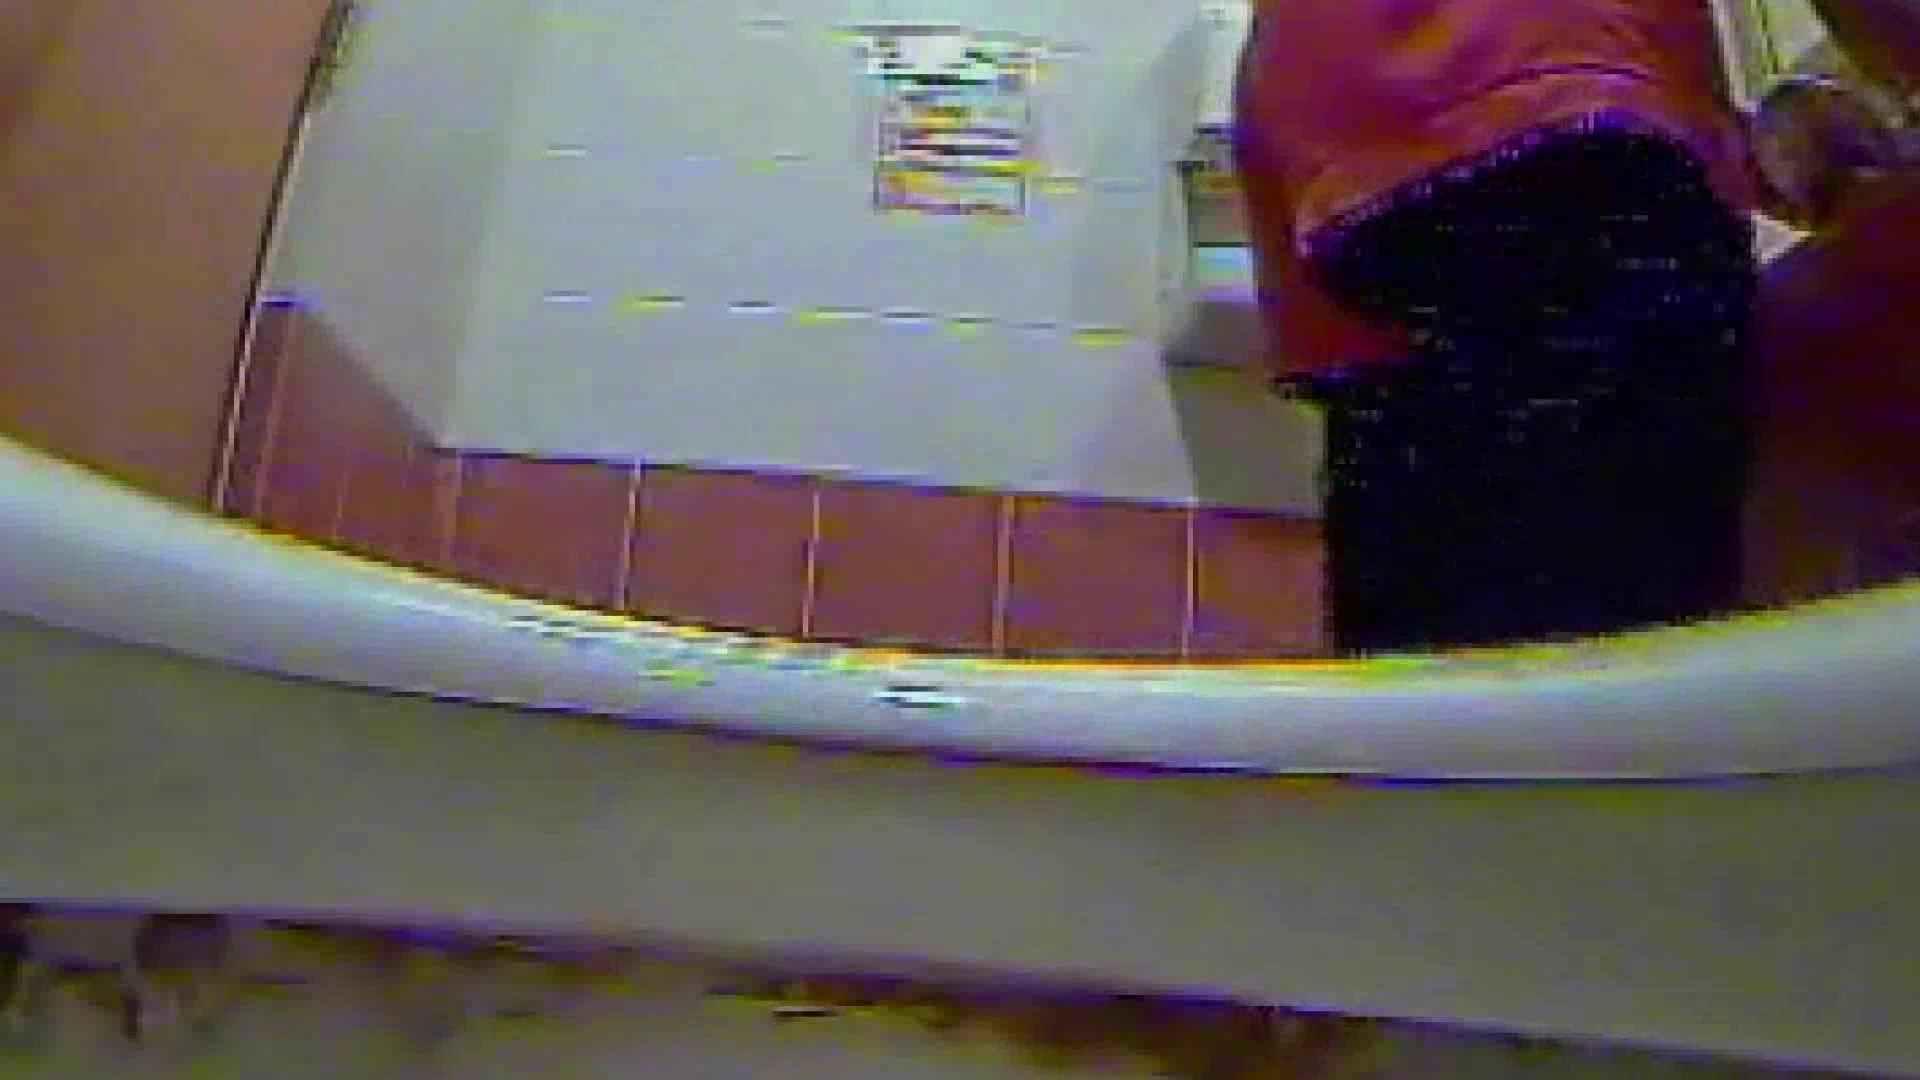 キレカワ女子大生の秘密の洗面所!Vol.015 洗面所突入 AV動画キャプチャ 93pic 4